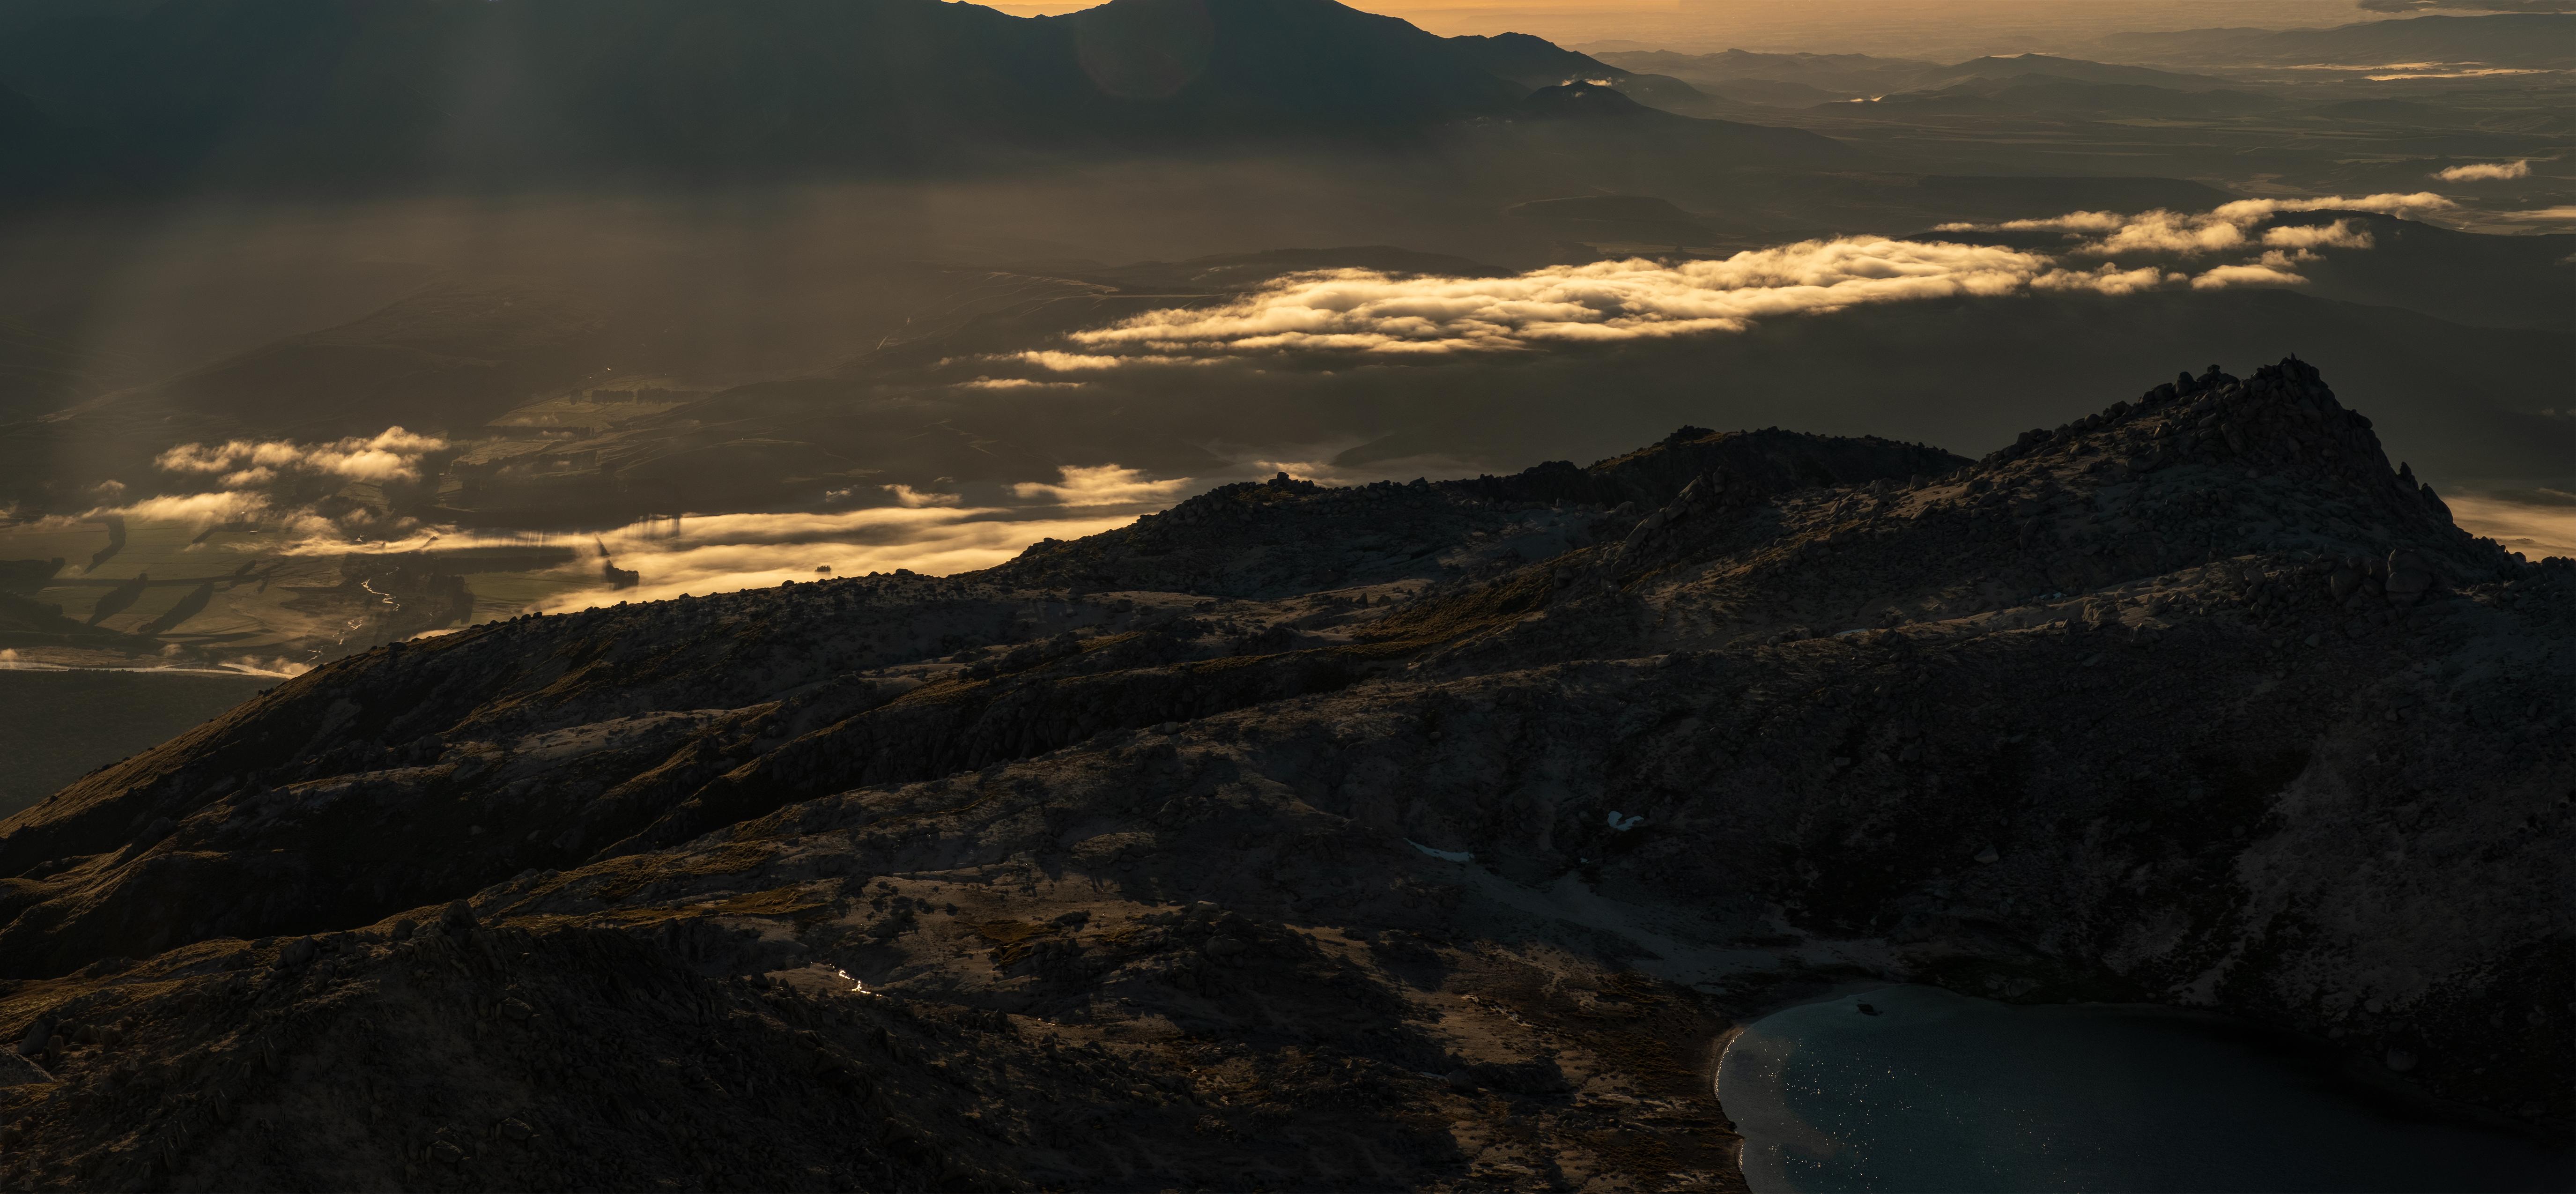 Mt.Titiroa Summit Sunrise pano